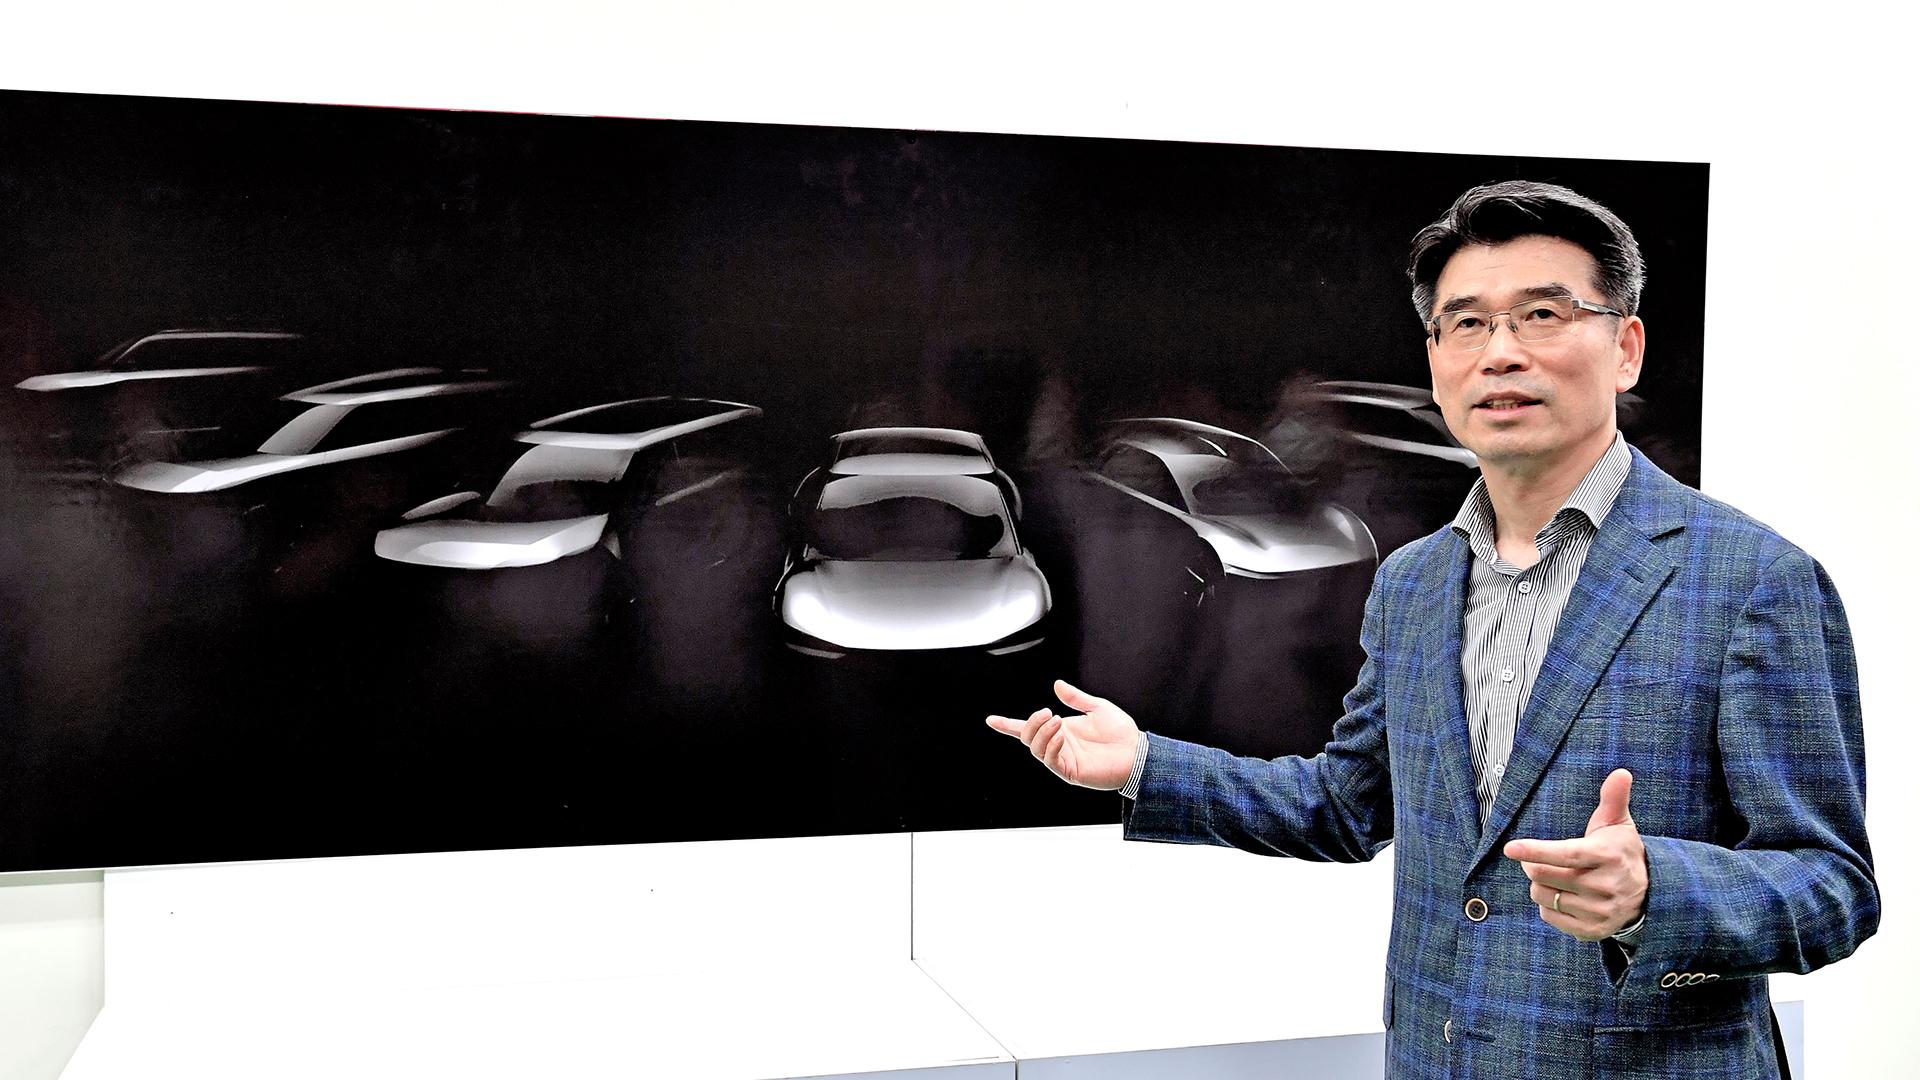 KIA Motors ускоряет трансформацию своего бизнеса с целью стать ведущим мировым производителем электромобилей